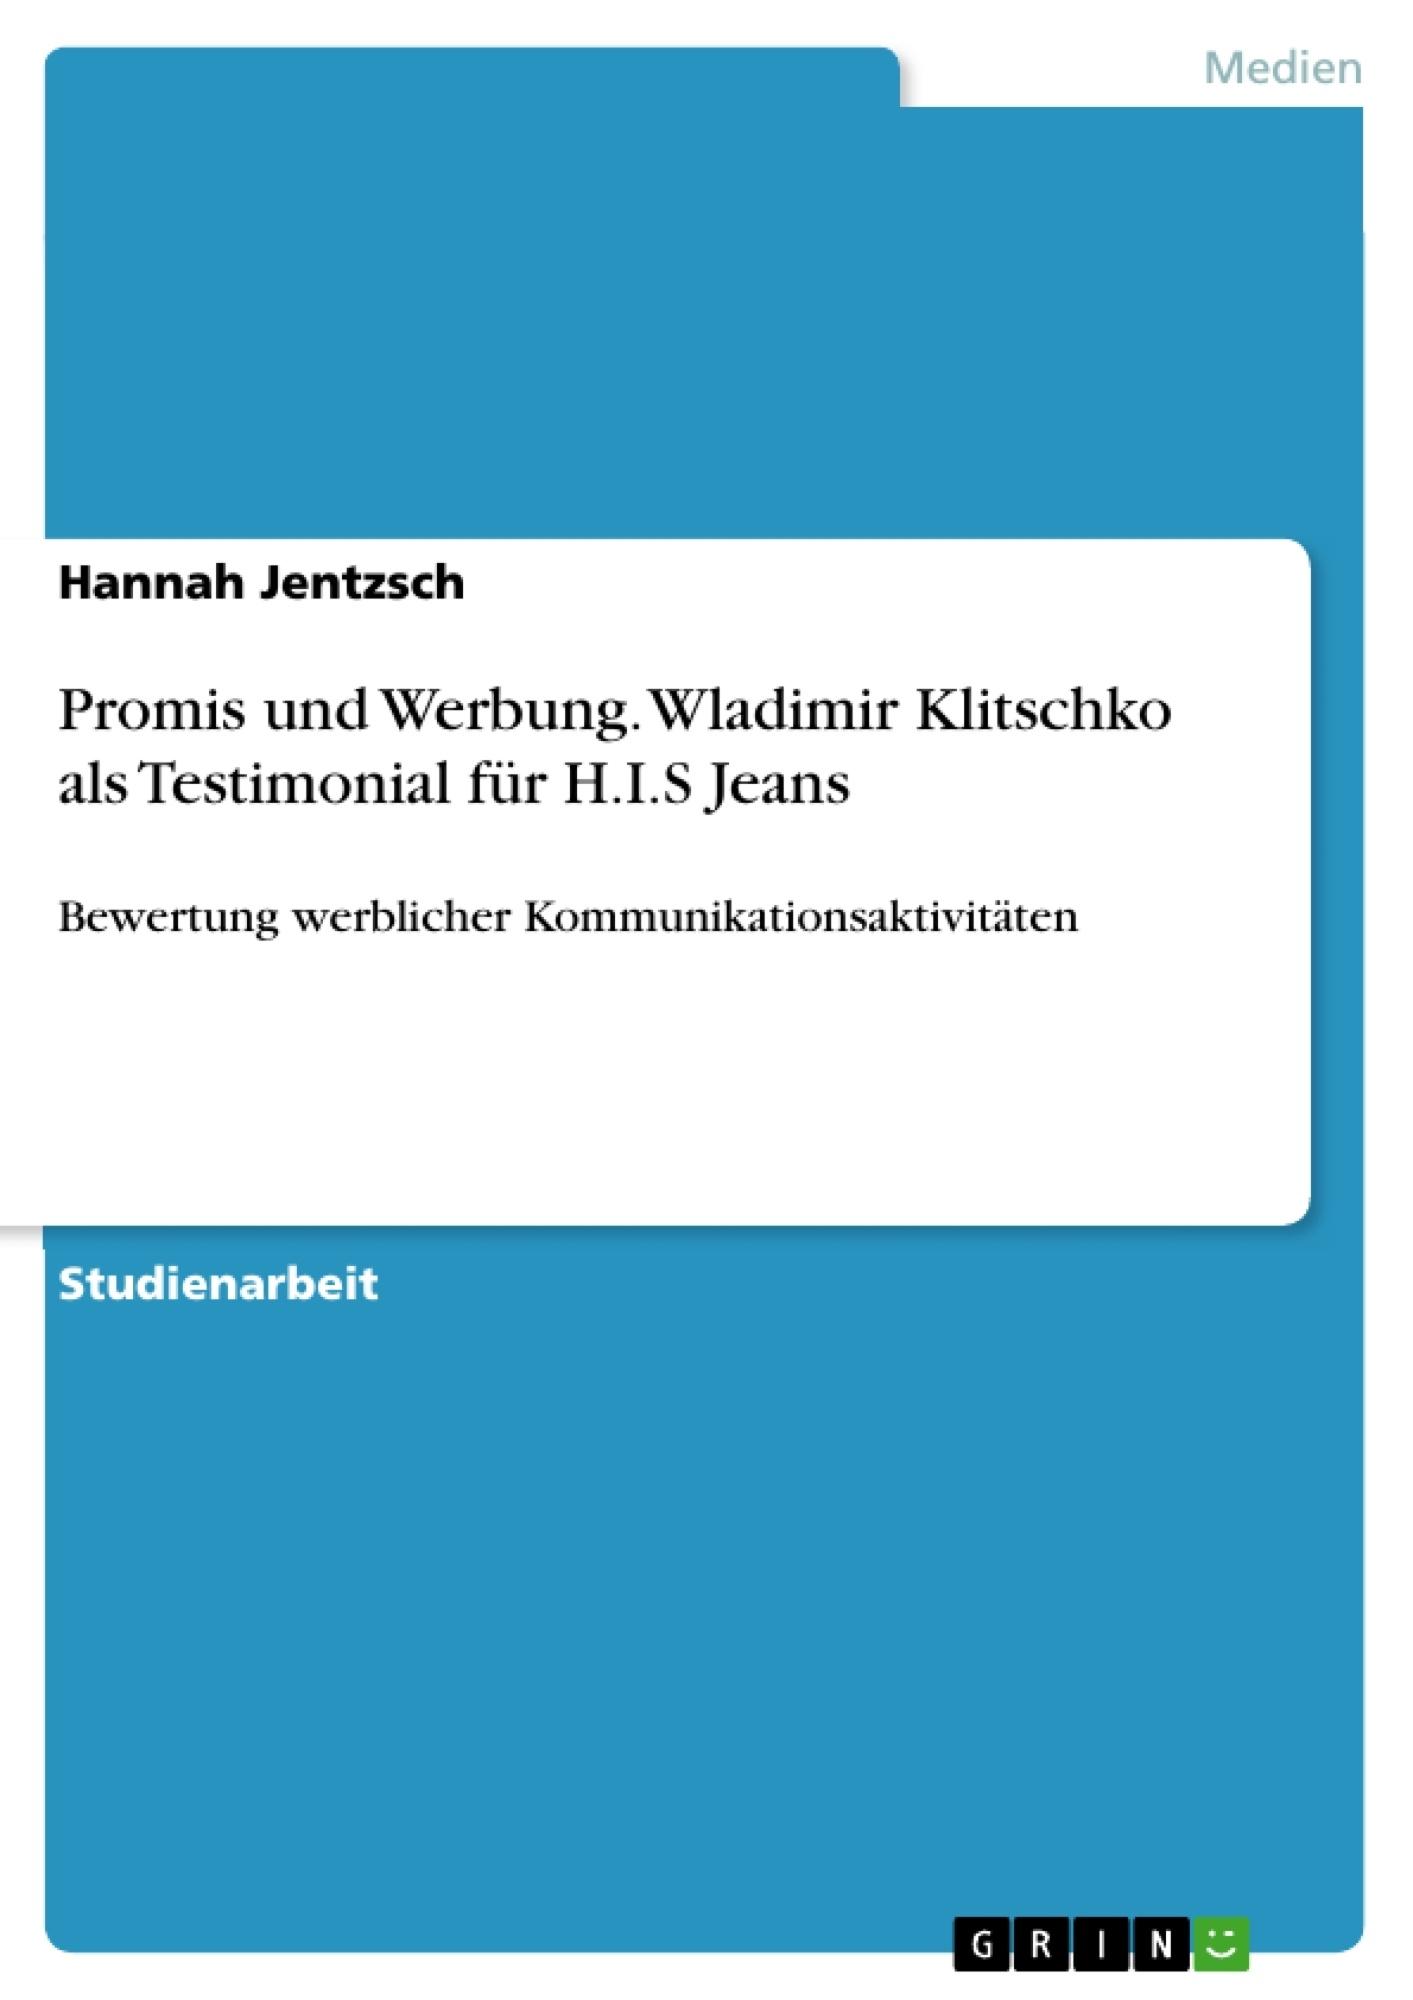 Titel: Promis und Werbung. Wladimir Klitschko als Testimonial für H.I.S Jeans